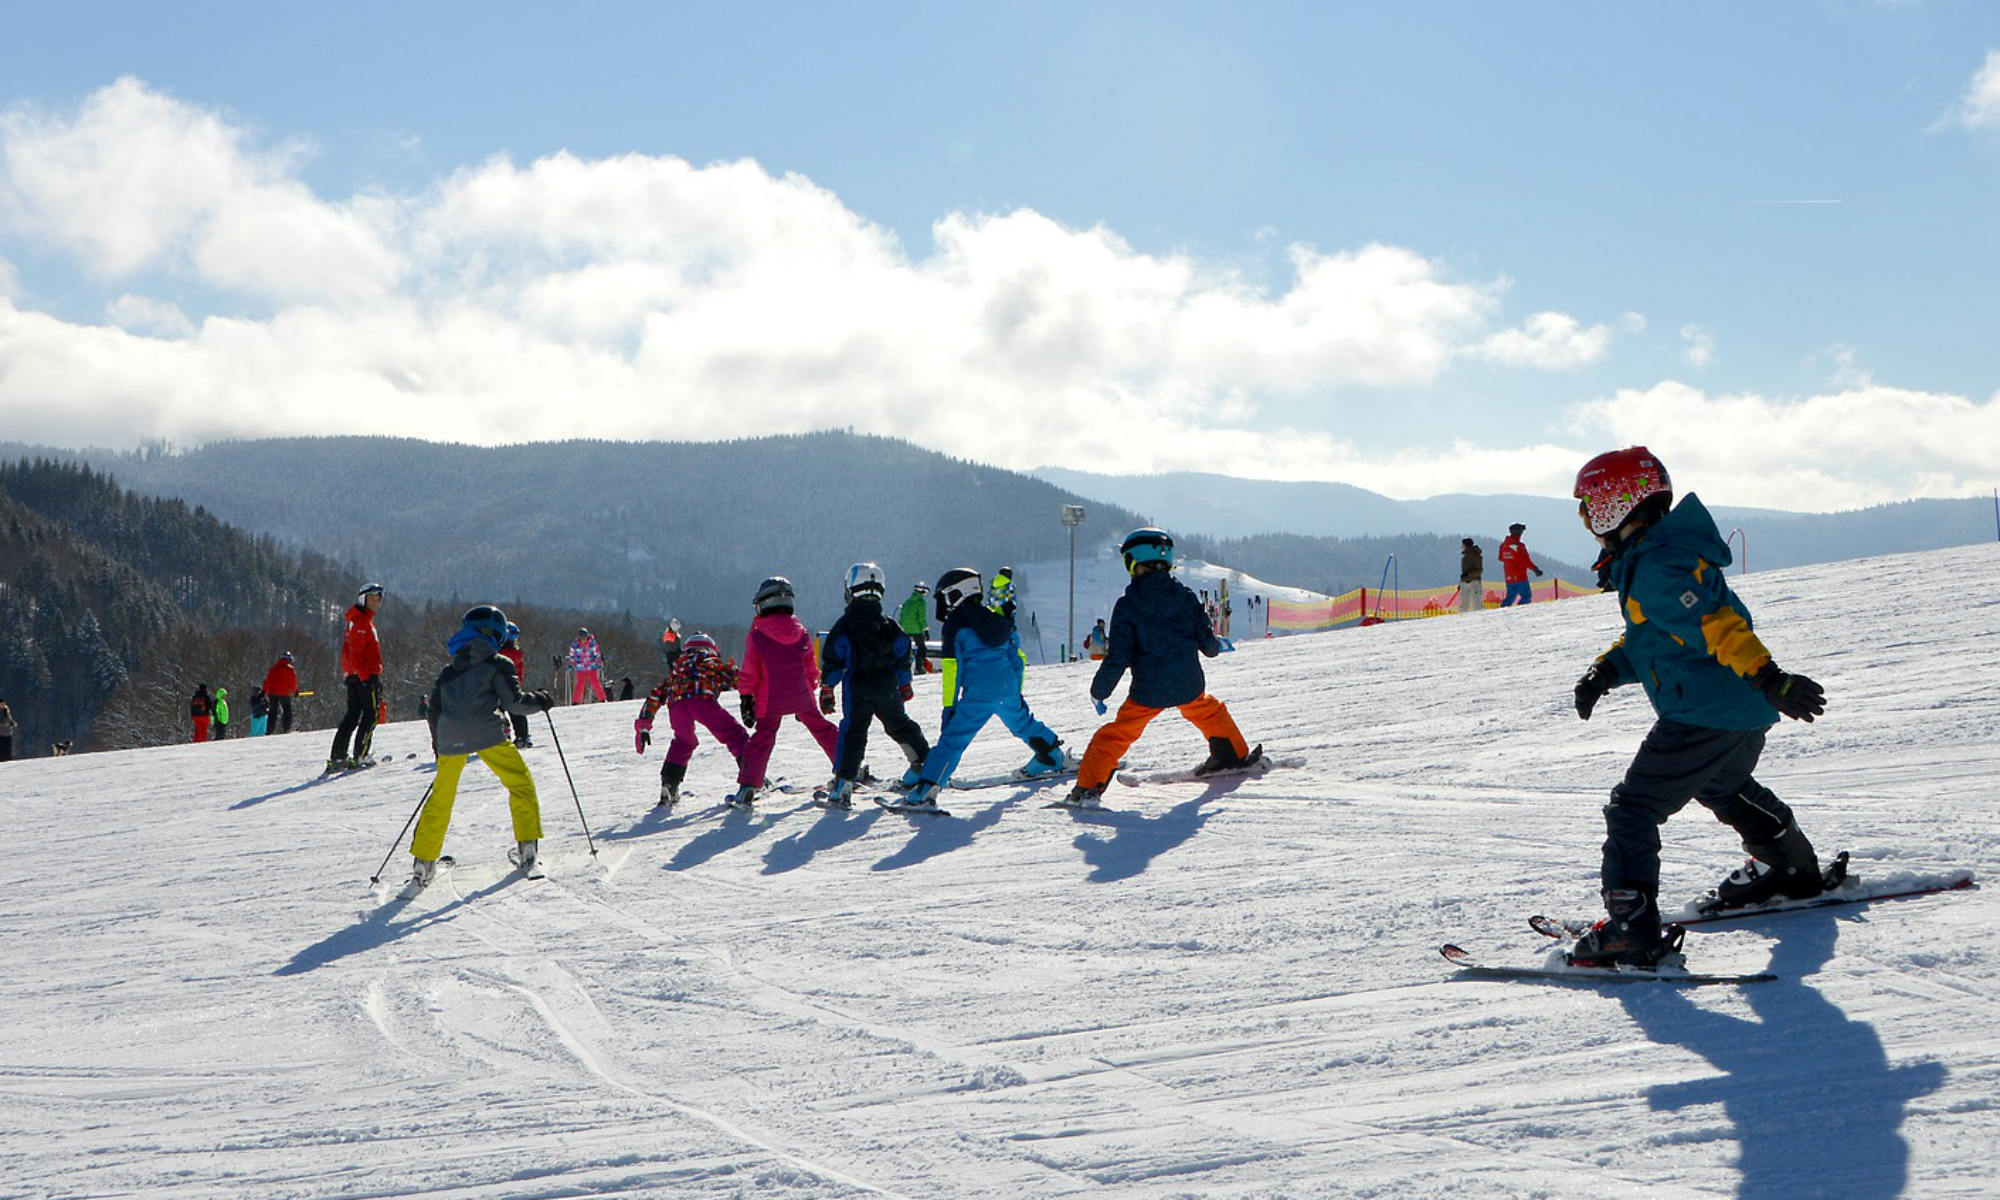 Un gruppo di bambini in fila scende la pista sotto la supervisione del maestro di sci.